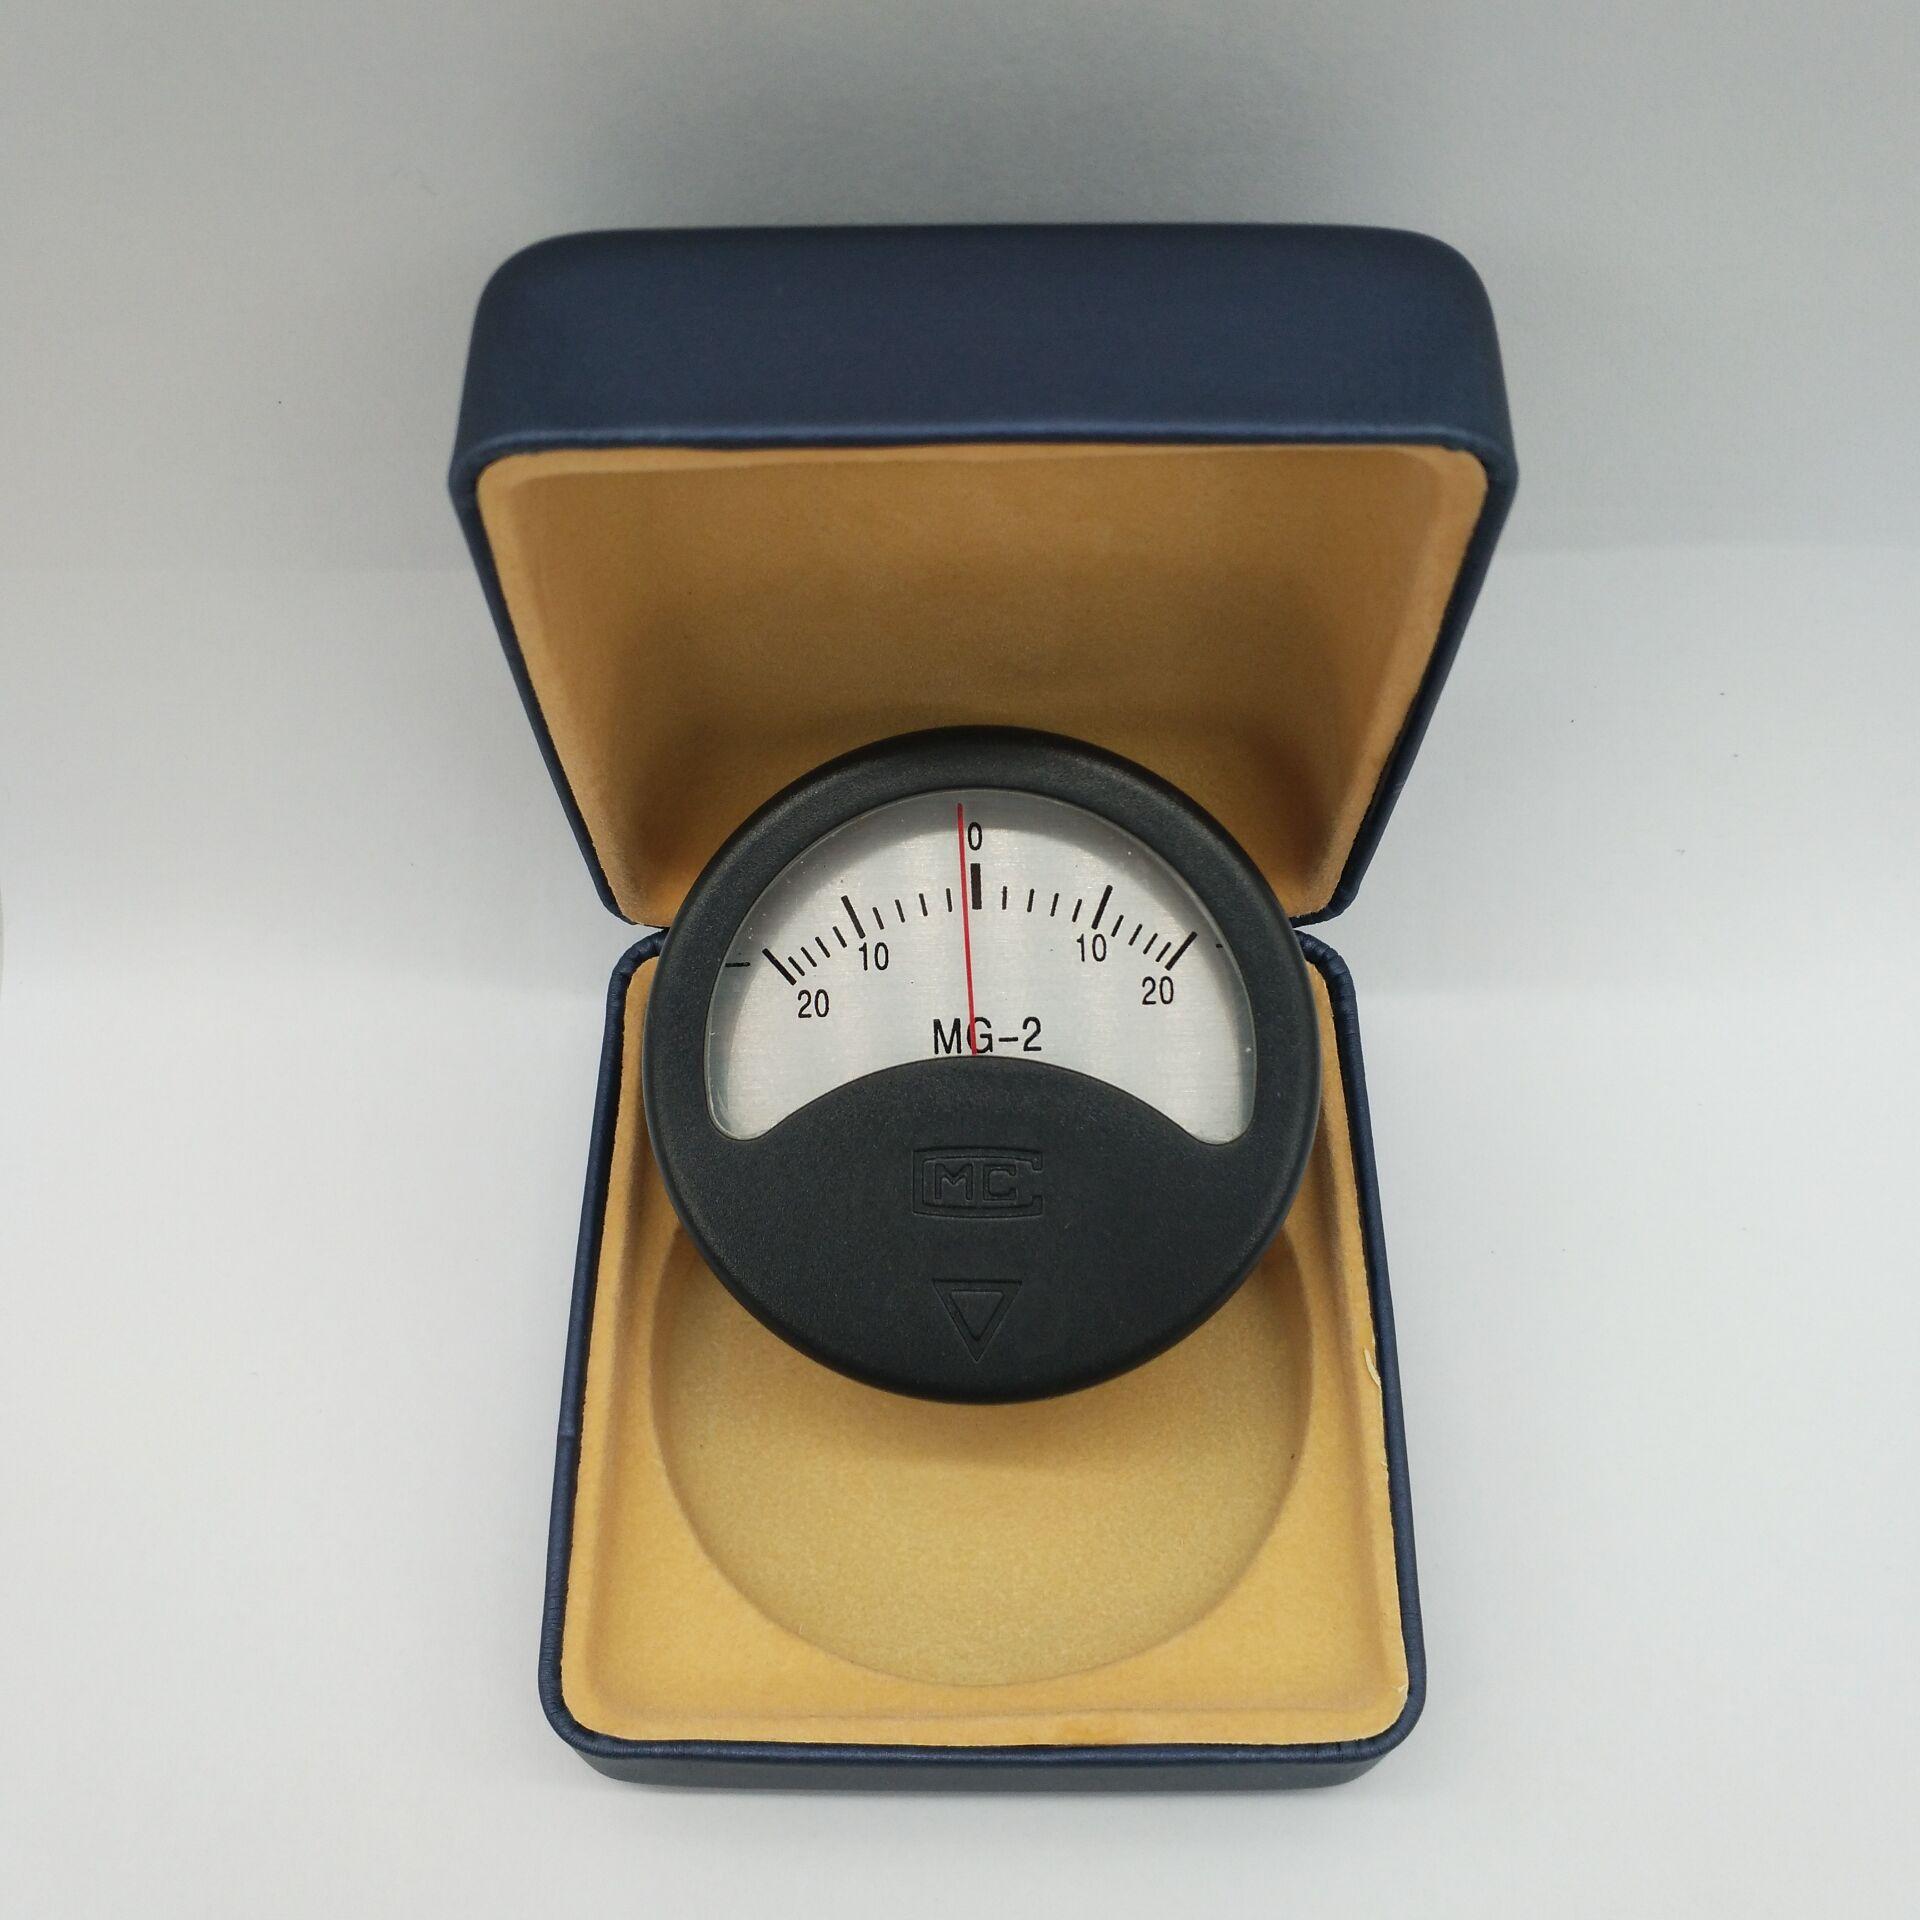 HUATEC 2021 Sales promotion Magnetic Field Gauss Meter  0-20Gs enlarge